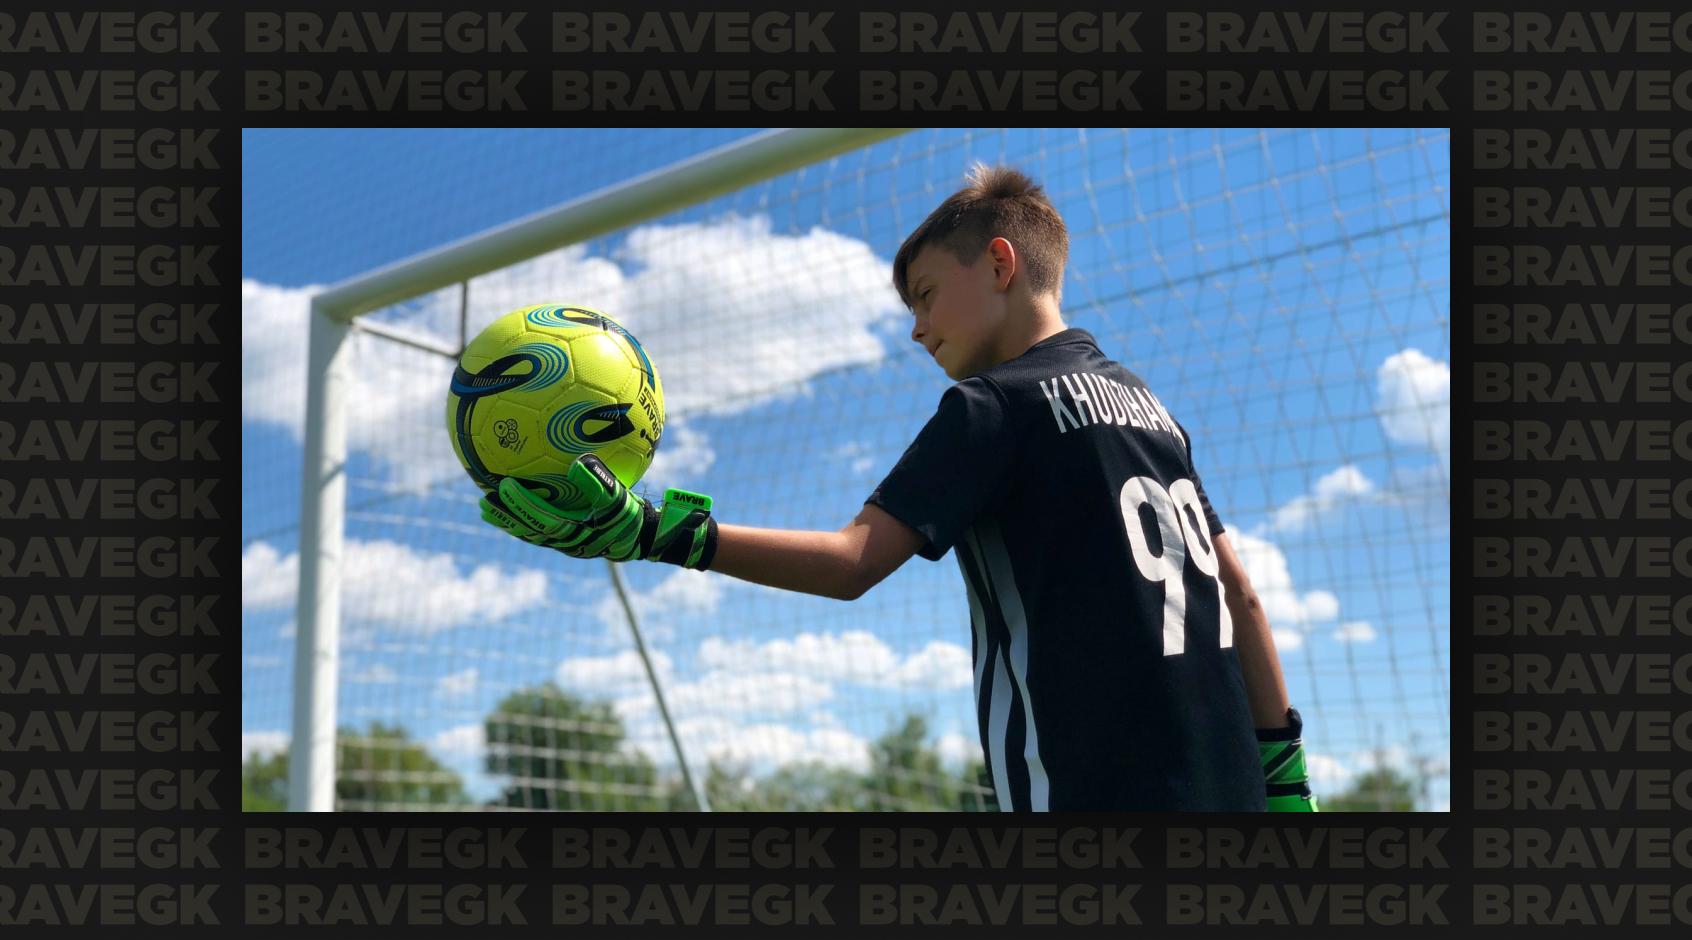 Children's goalkeeper gloves Brave GK Extreme official online store Brave GK